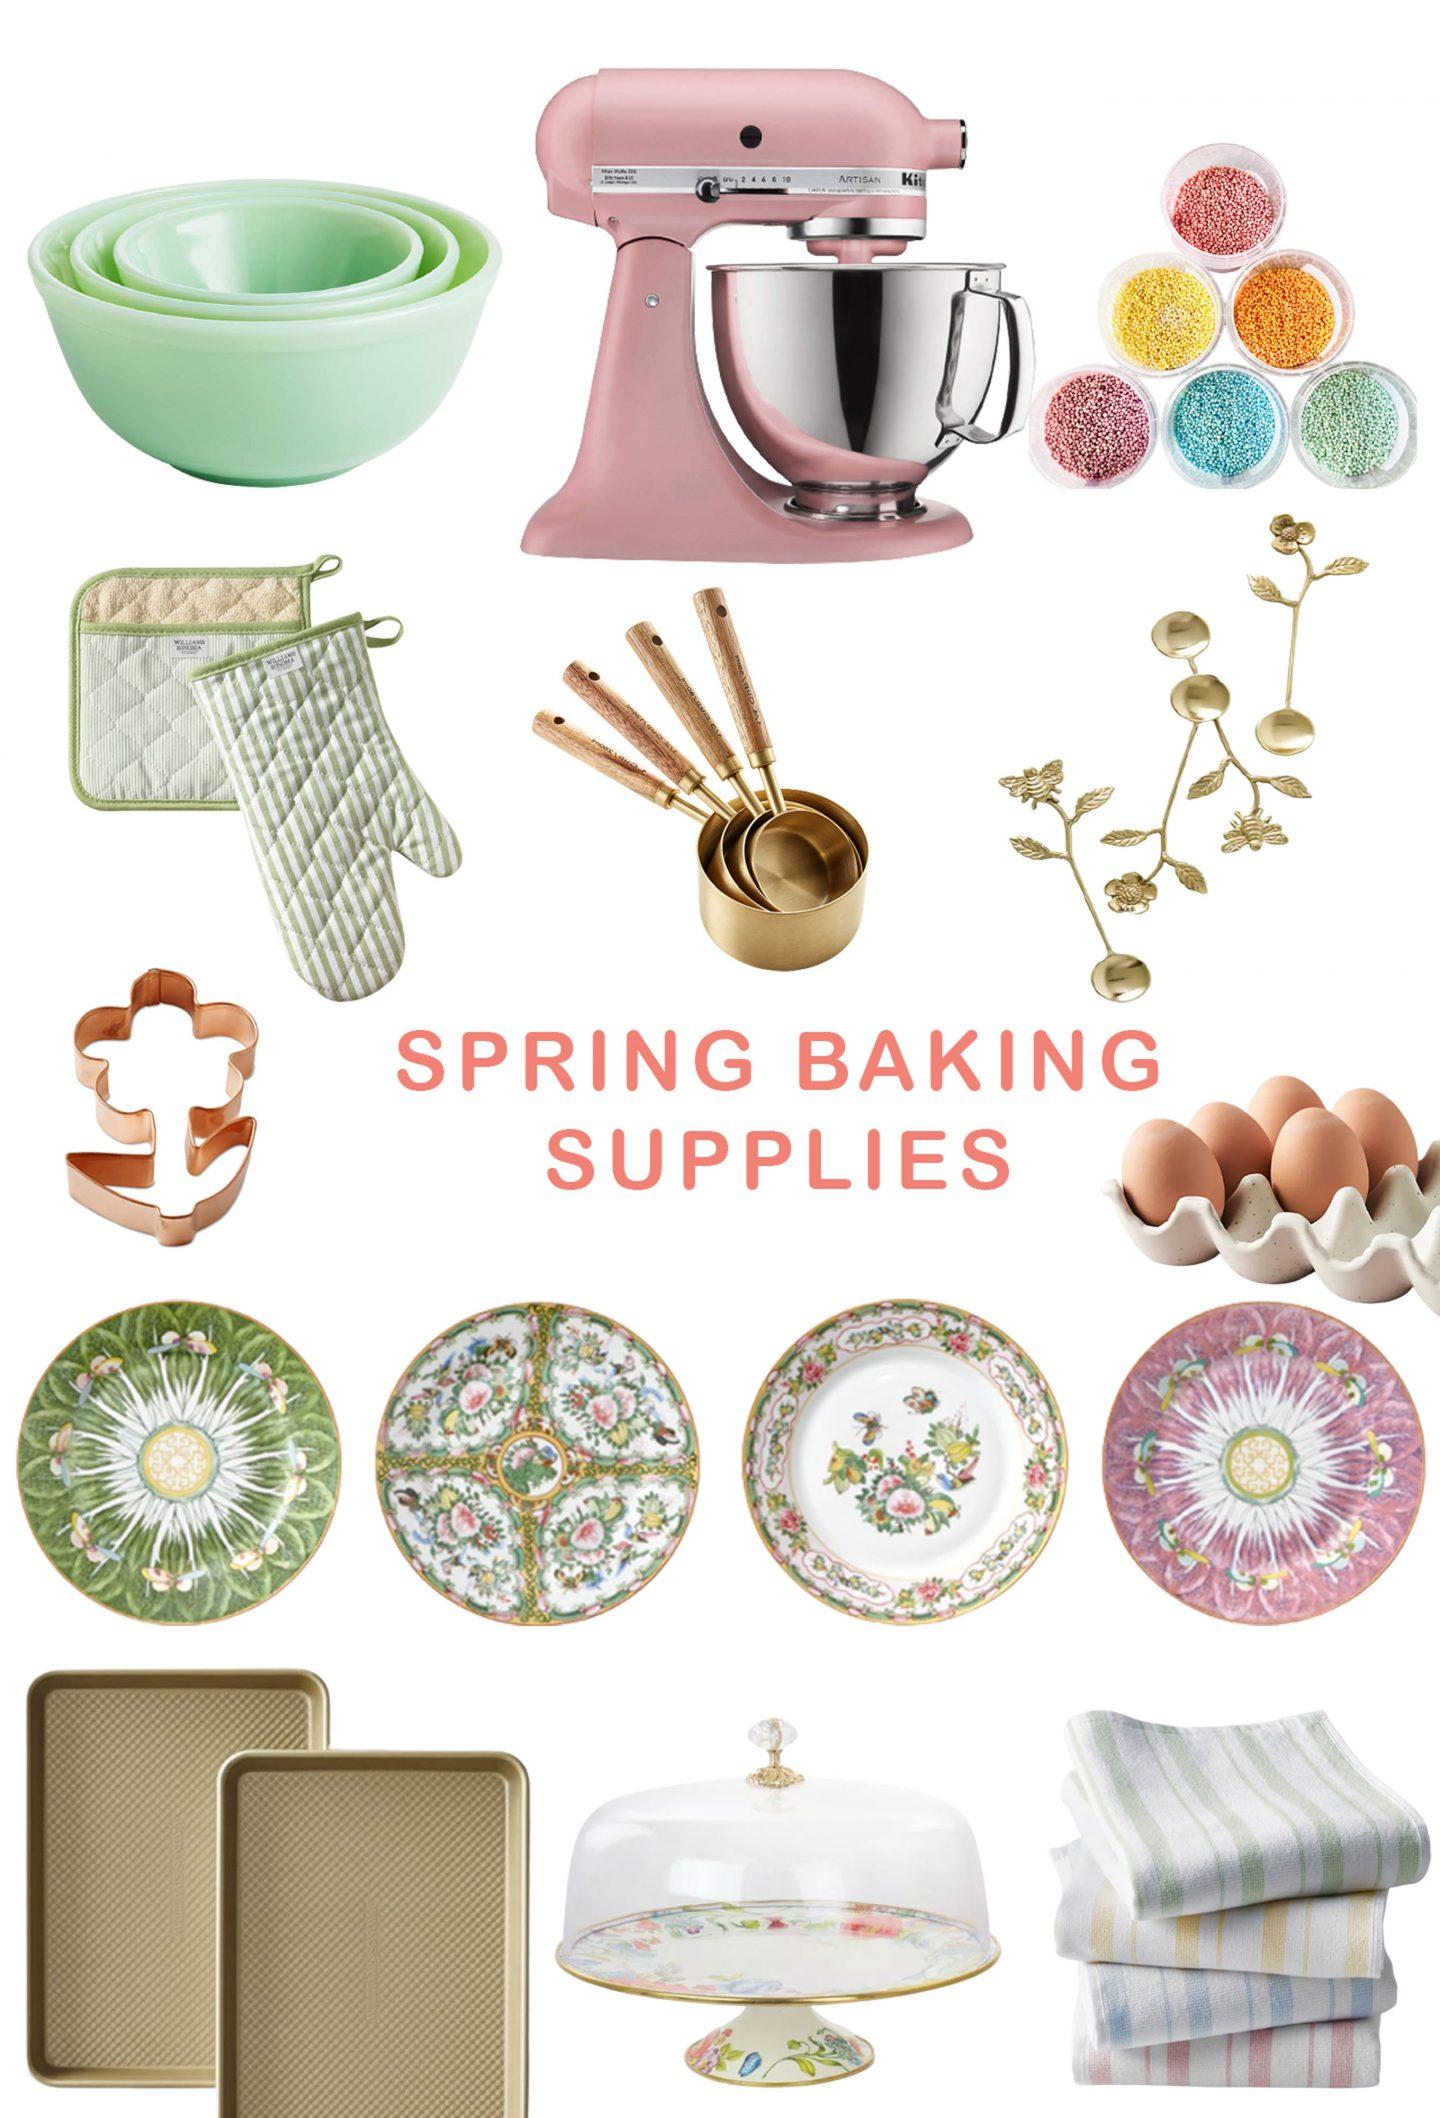 Spring Baking Supplies